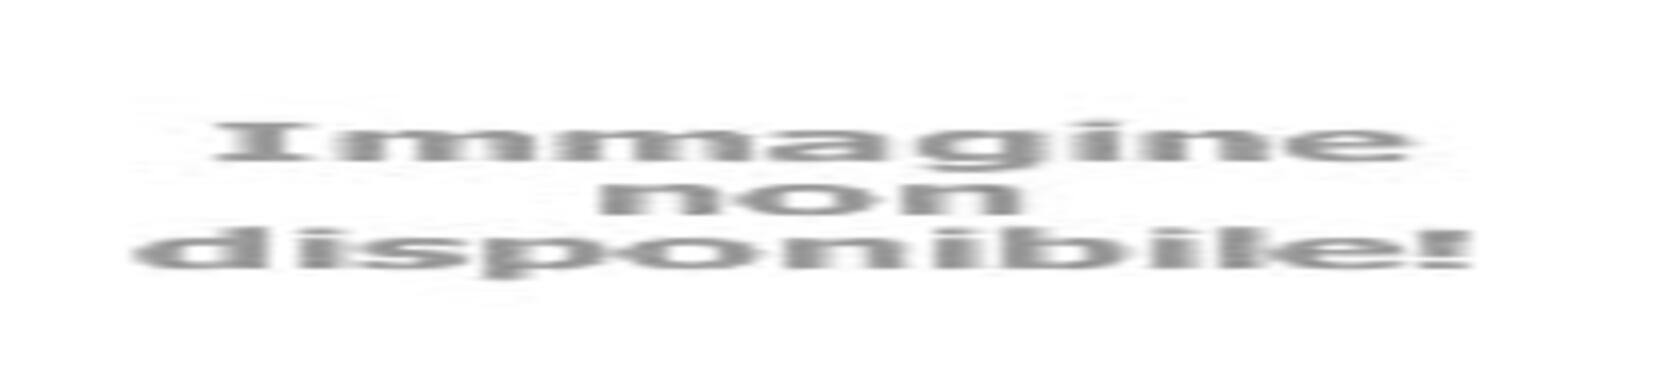 basketriminicrabs it 2-2853-settore-giovanile-u16-ecc-a-campionato-interrotto-sul-piu-bello 003